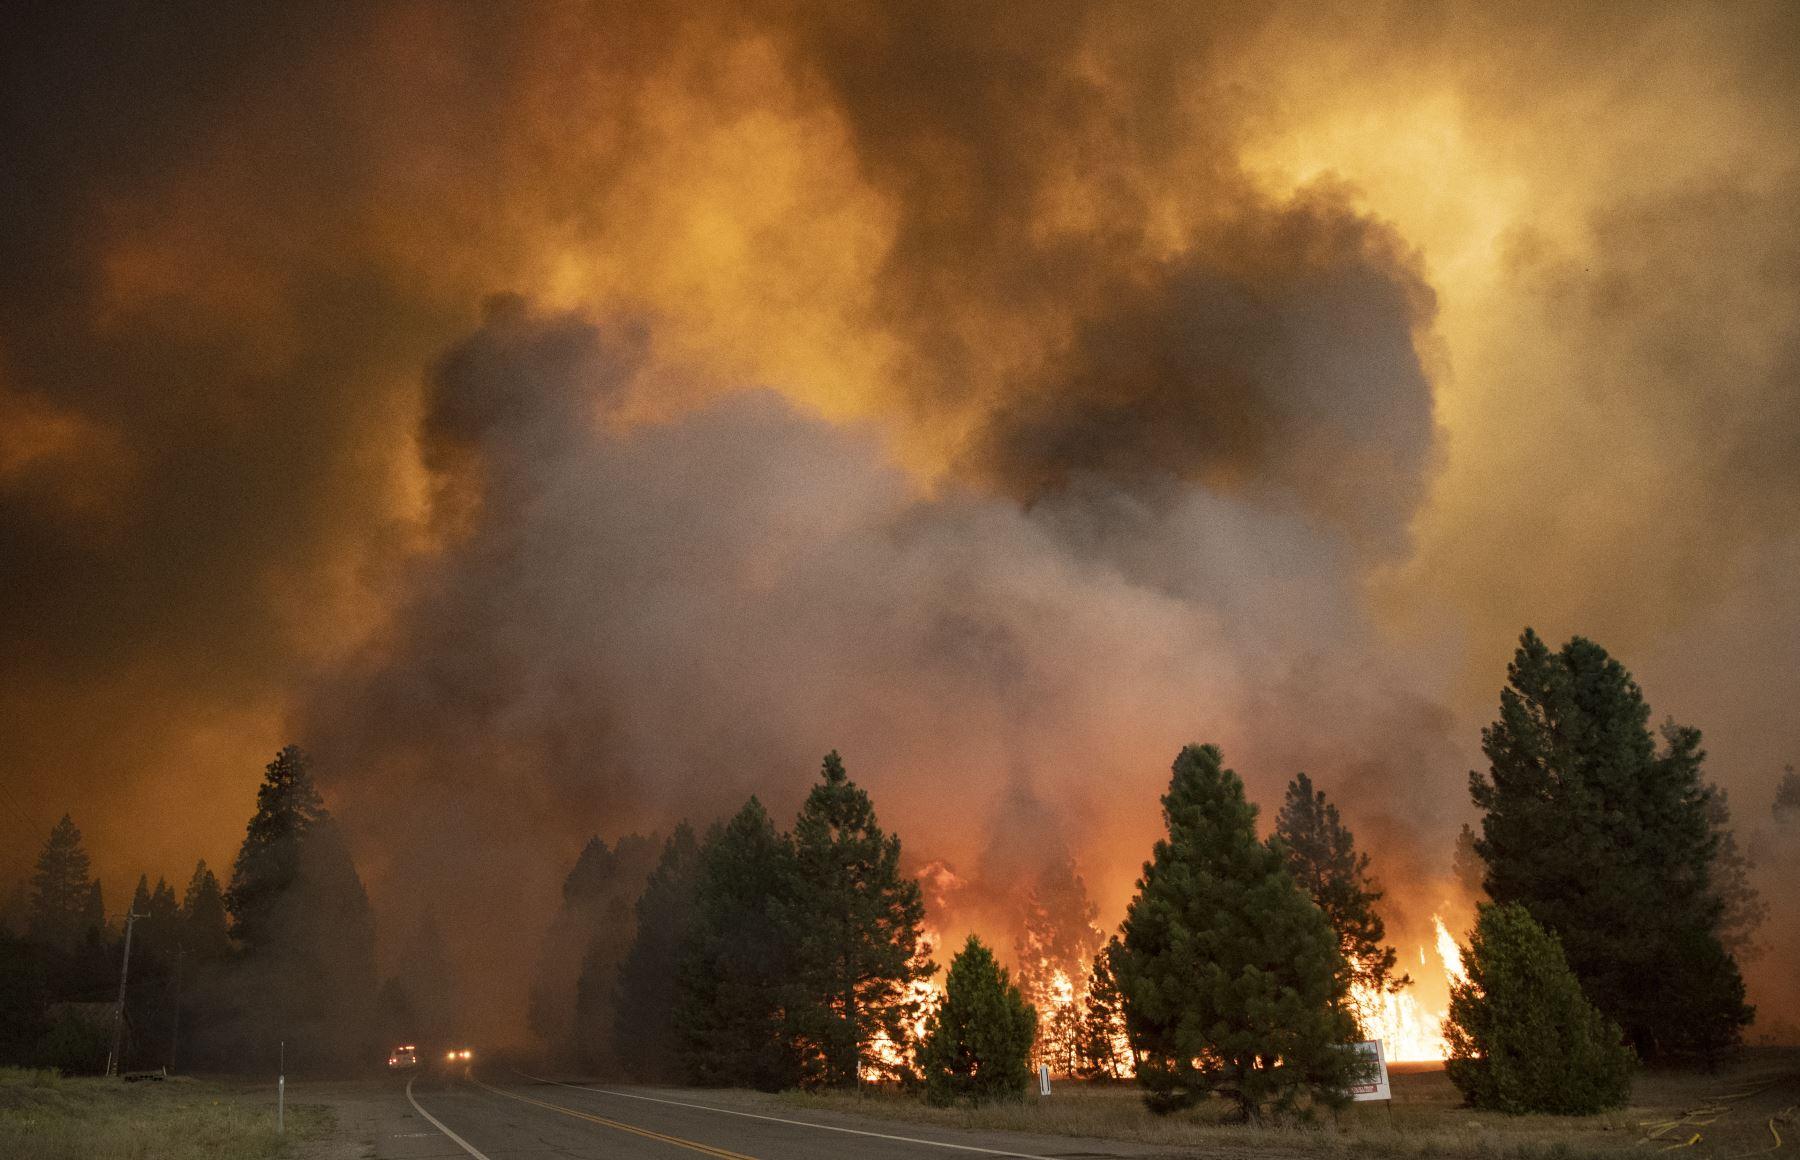 Las llamas del incendio de Dixie arrasaron Greenville, California. El incendio de Dixie arrasó decenas de hogares y negocios en el centro de Greenville y continúa avanzando hacia otras comunidades residenciales. Foto:AFP